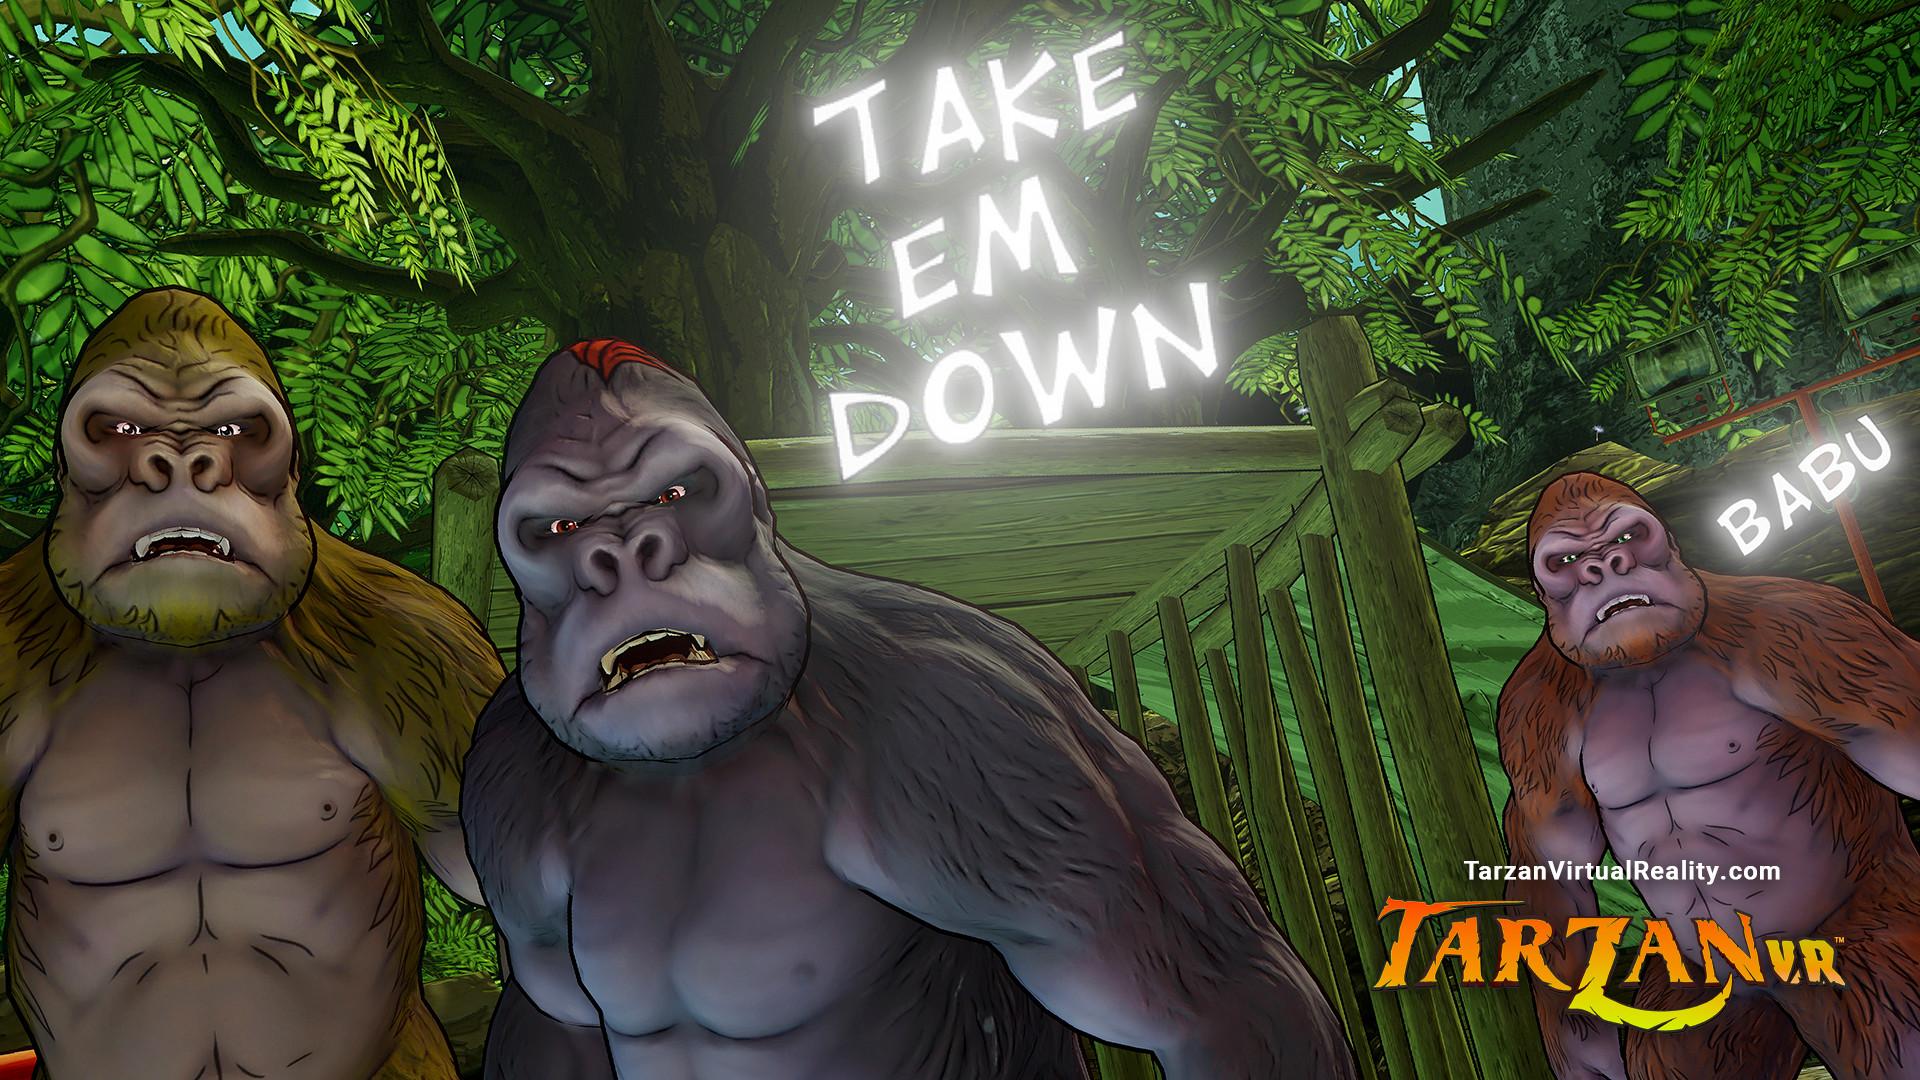 Oculus Quest 游戏《Tarzan VR™》泰山 VR™插图(1)